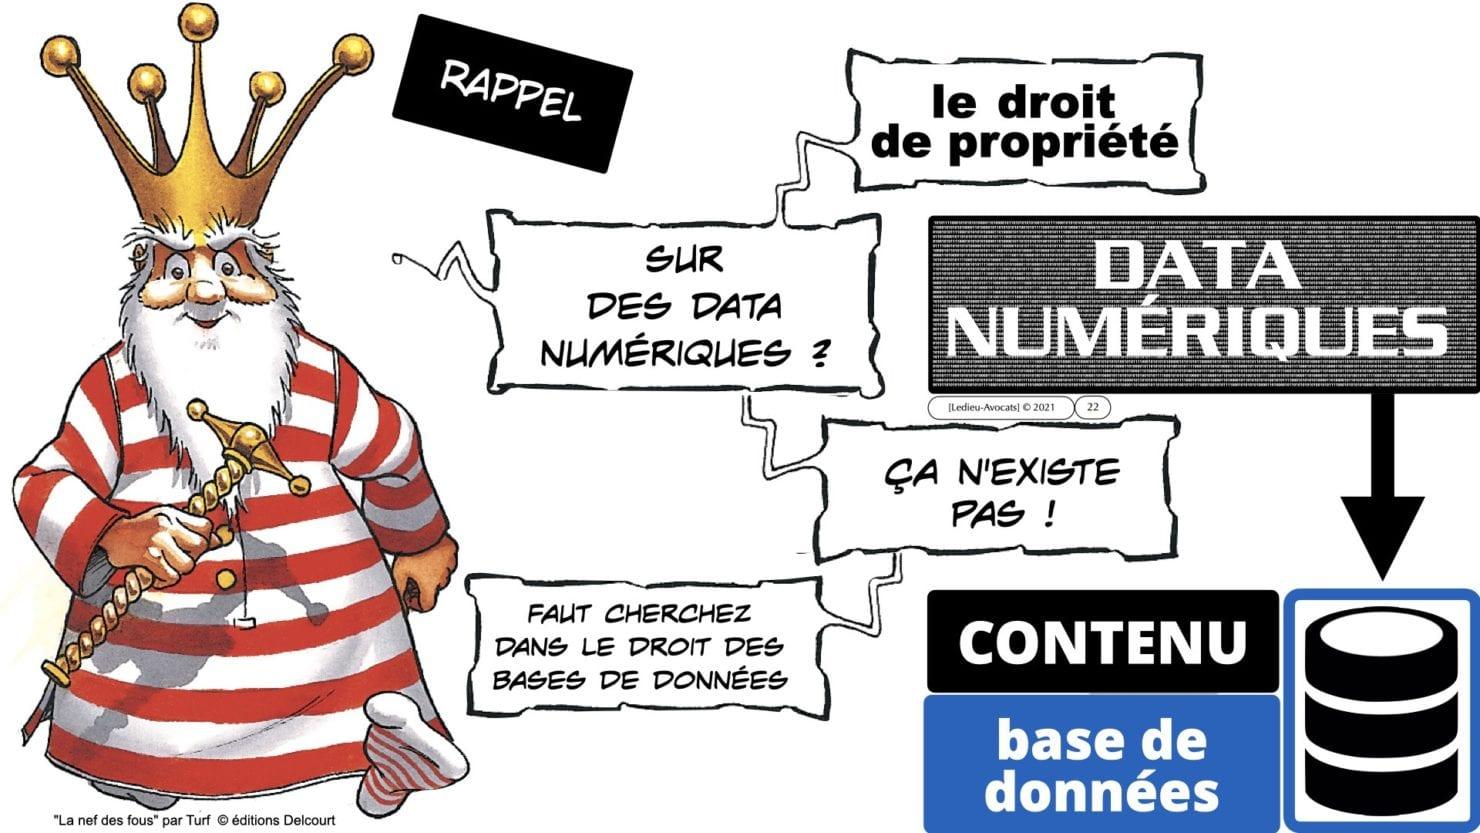 334 extraction indexation BASE DE DONNEES © Ledieu-avocat 24-05-2021.022